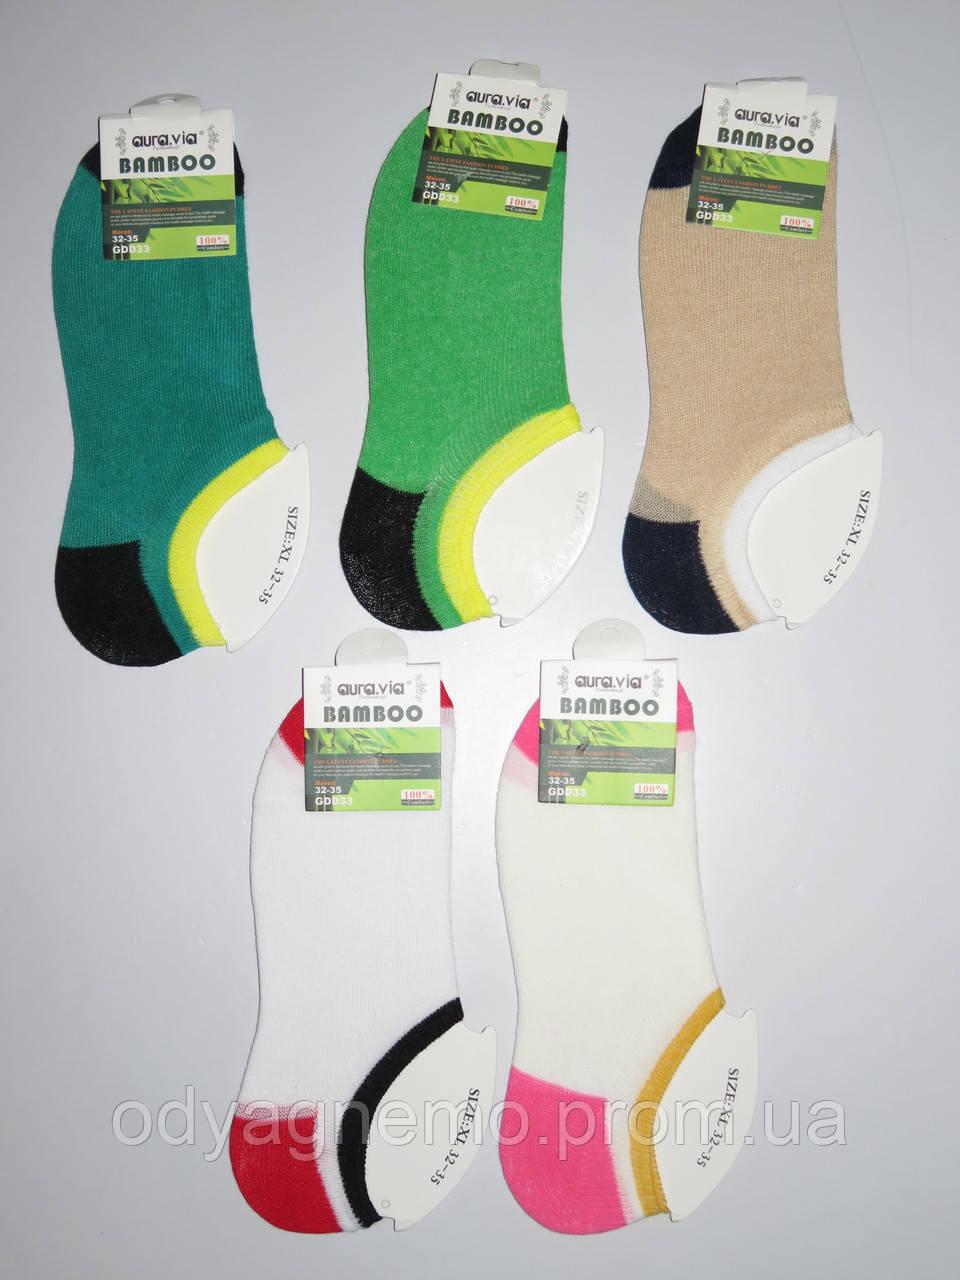 Детские короткие носки для девочек Aura.via оптом ,28/31-32/35 pp.